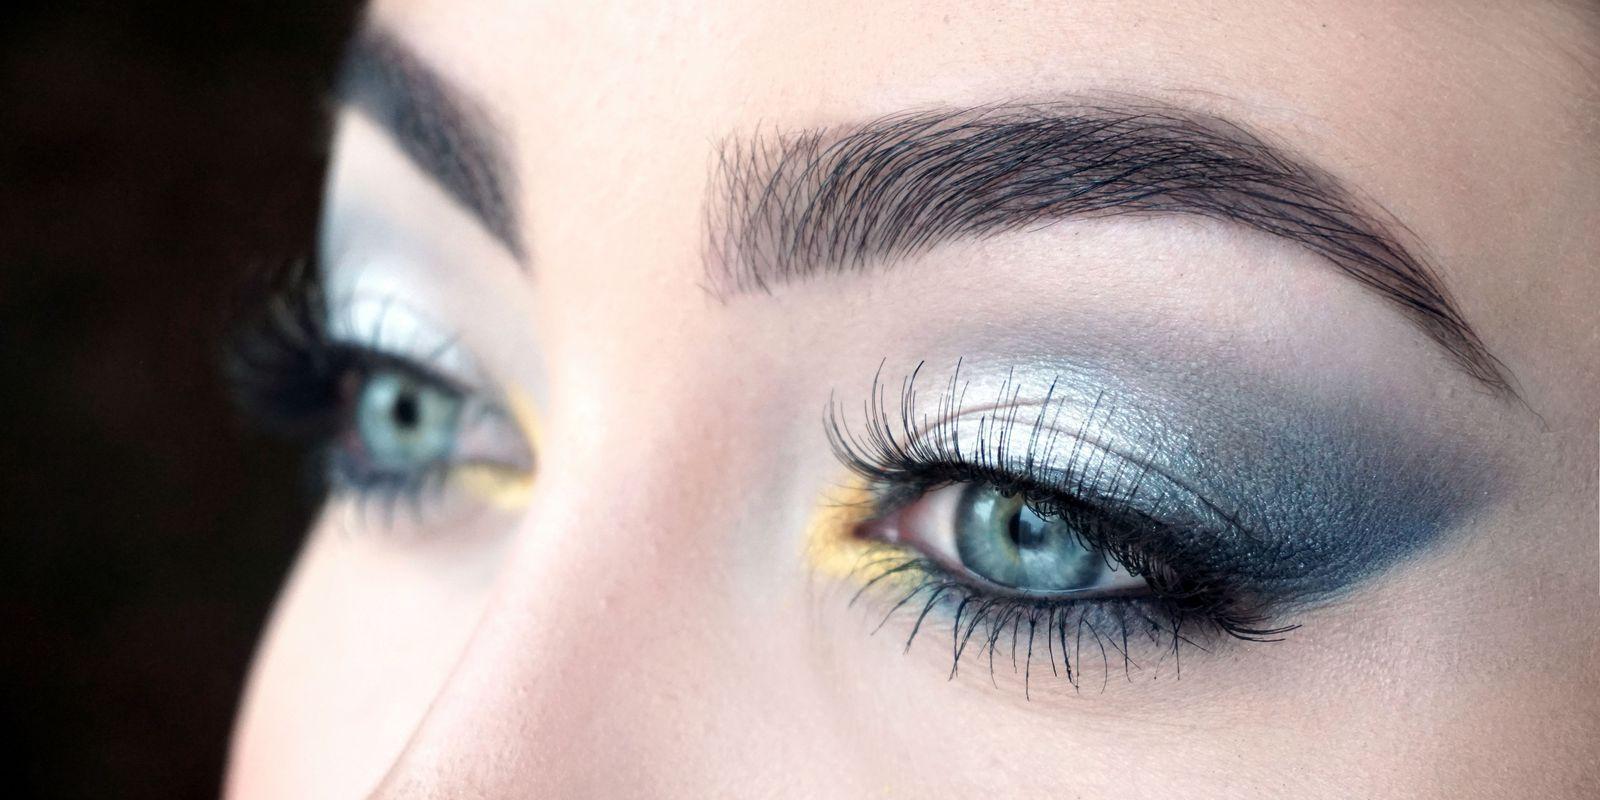 Zeptejte se, na co chcete: minerální oční stíny